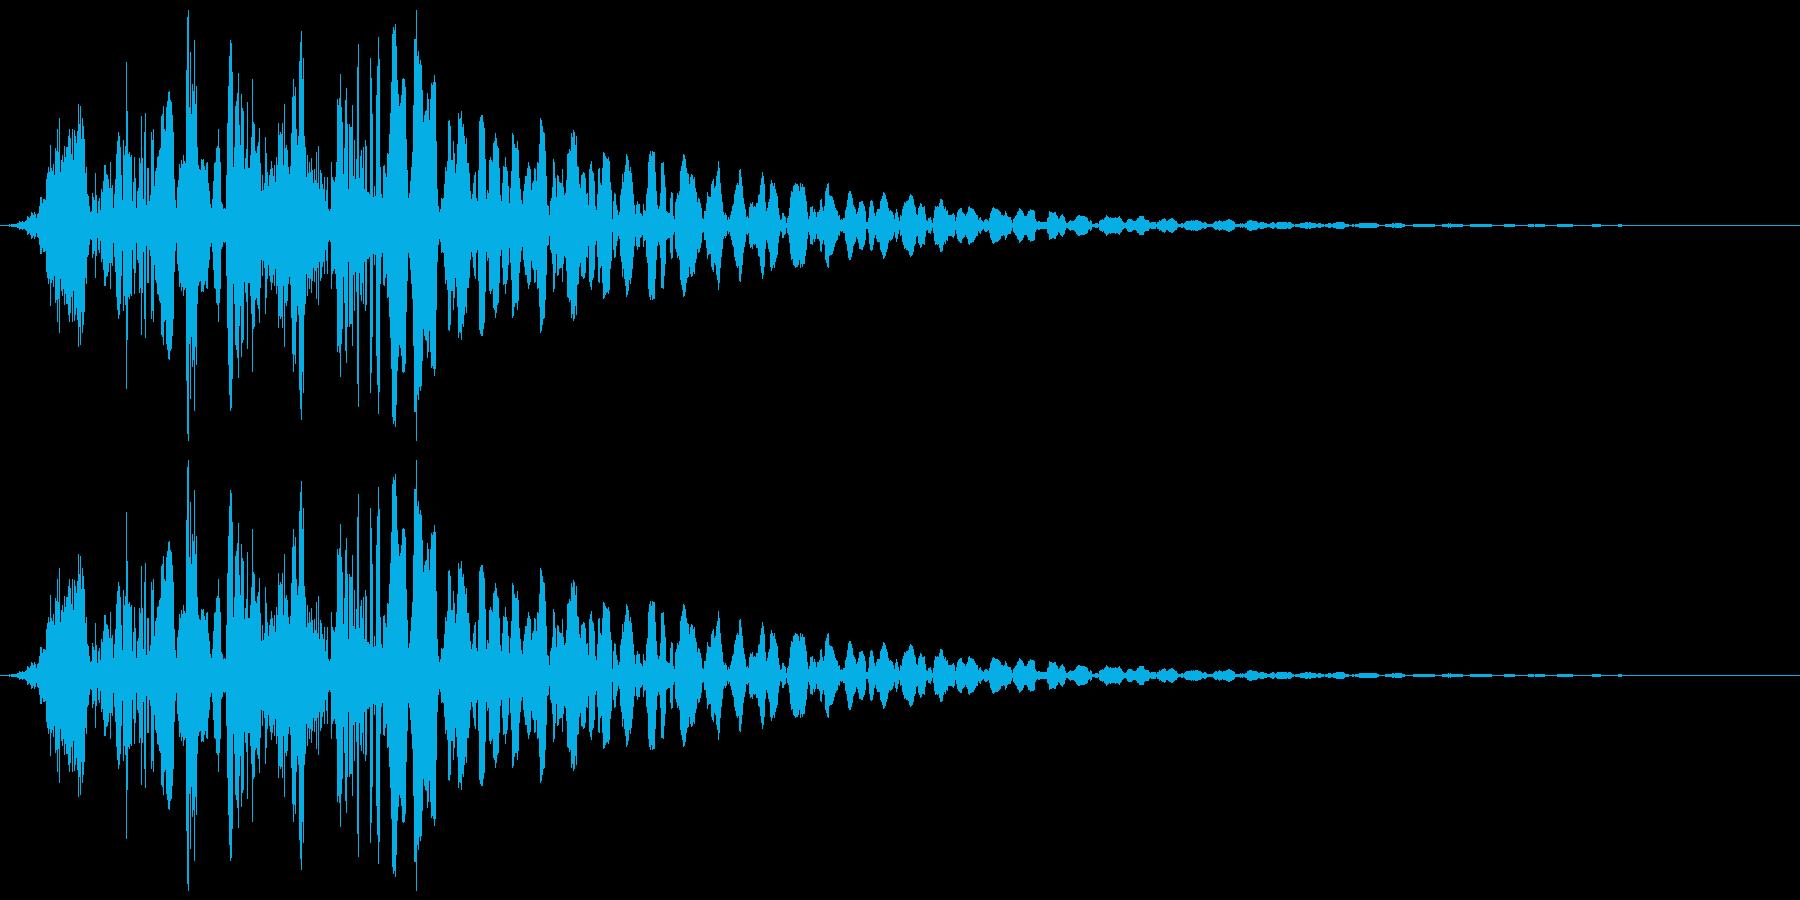 ゲームに使えそうな射出音の再生済みの波形